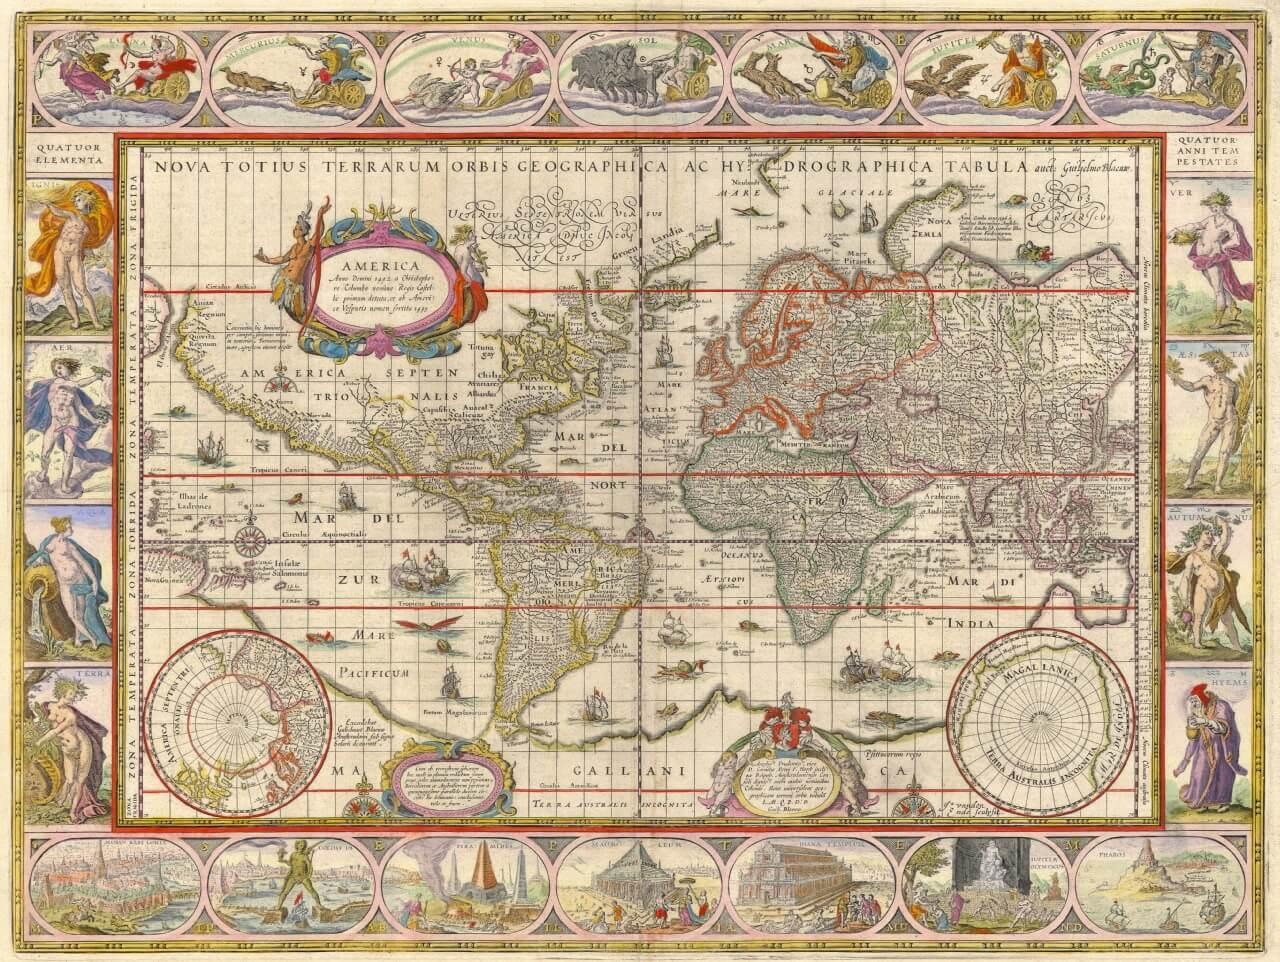 Mappa di Blaeu